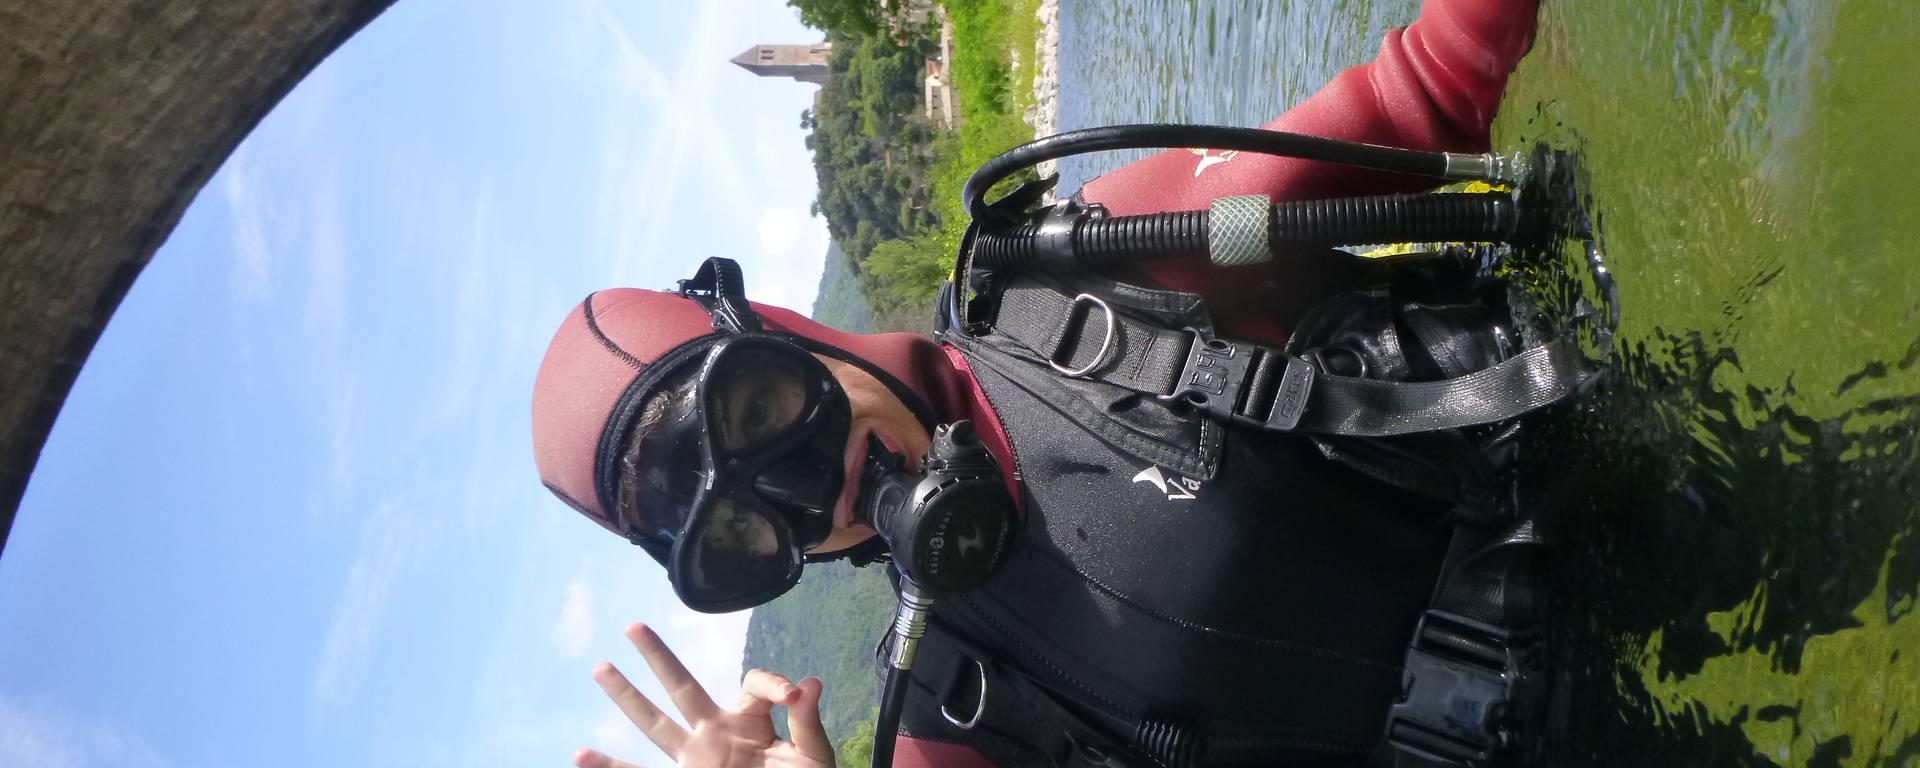 enfant plongeur rivière